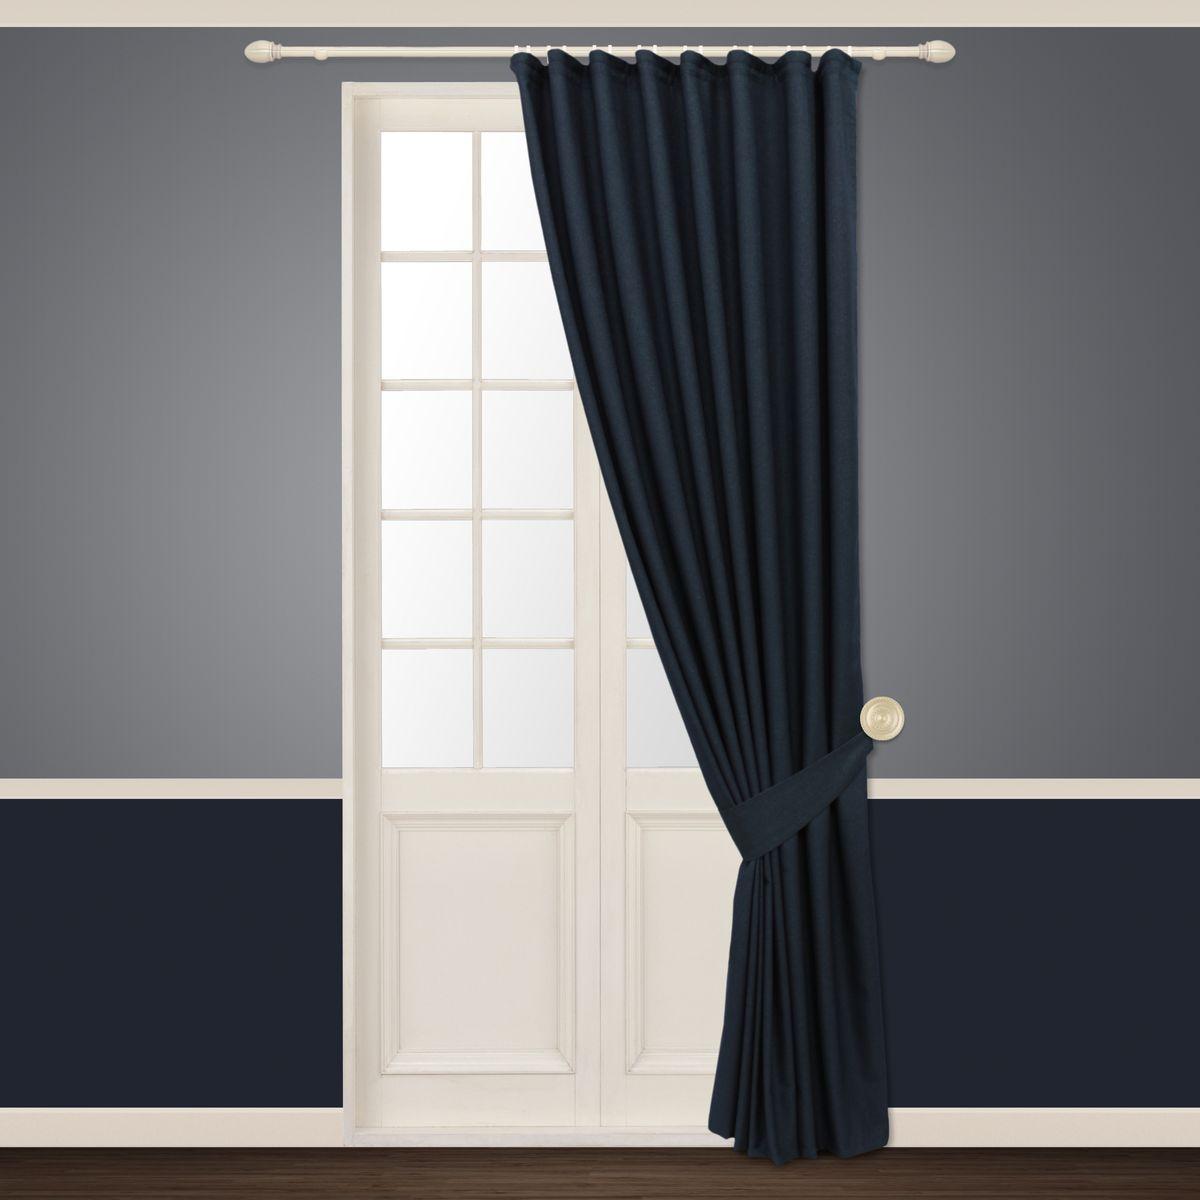 Штора Sanpa Home Collection Росария, на ленте, цвет: синий, высота 260 смHP01320/16/1E Росария синий, , 180*260+1подхват